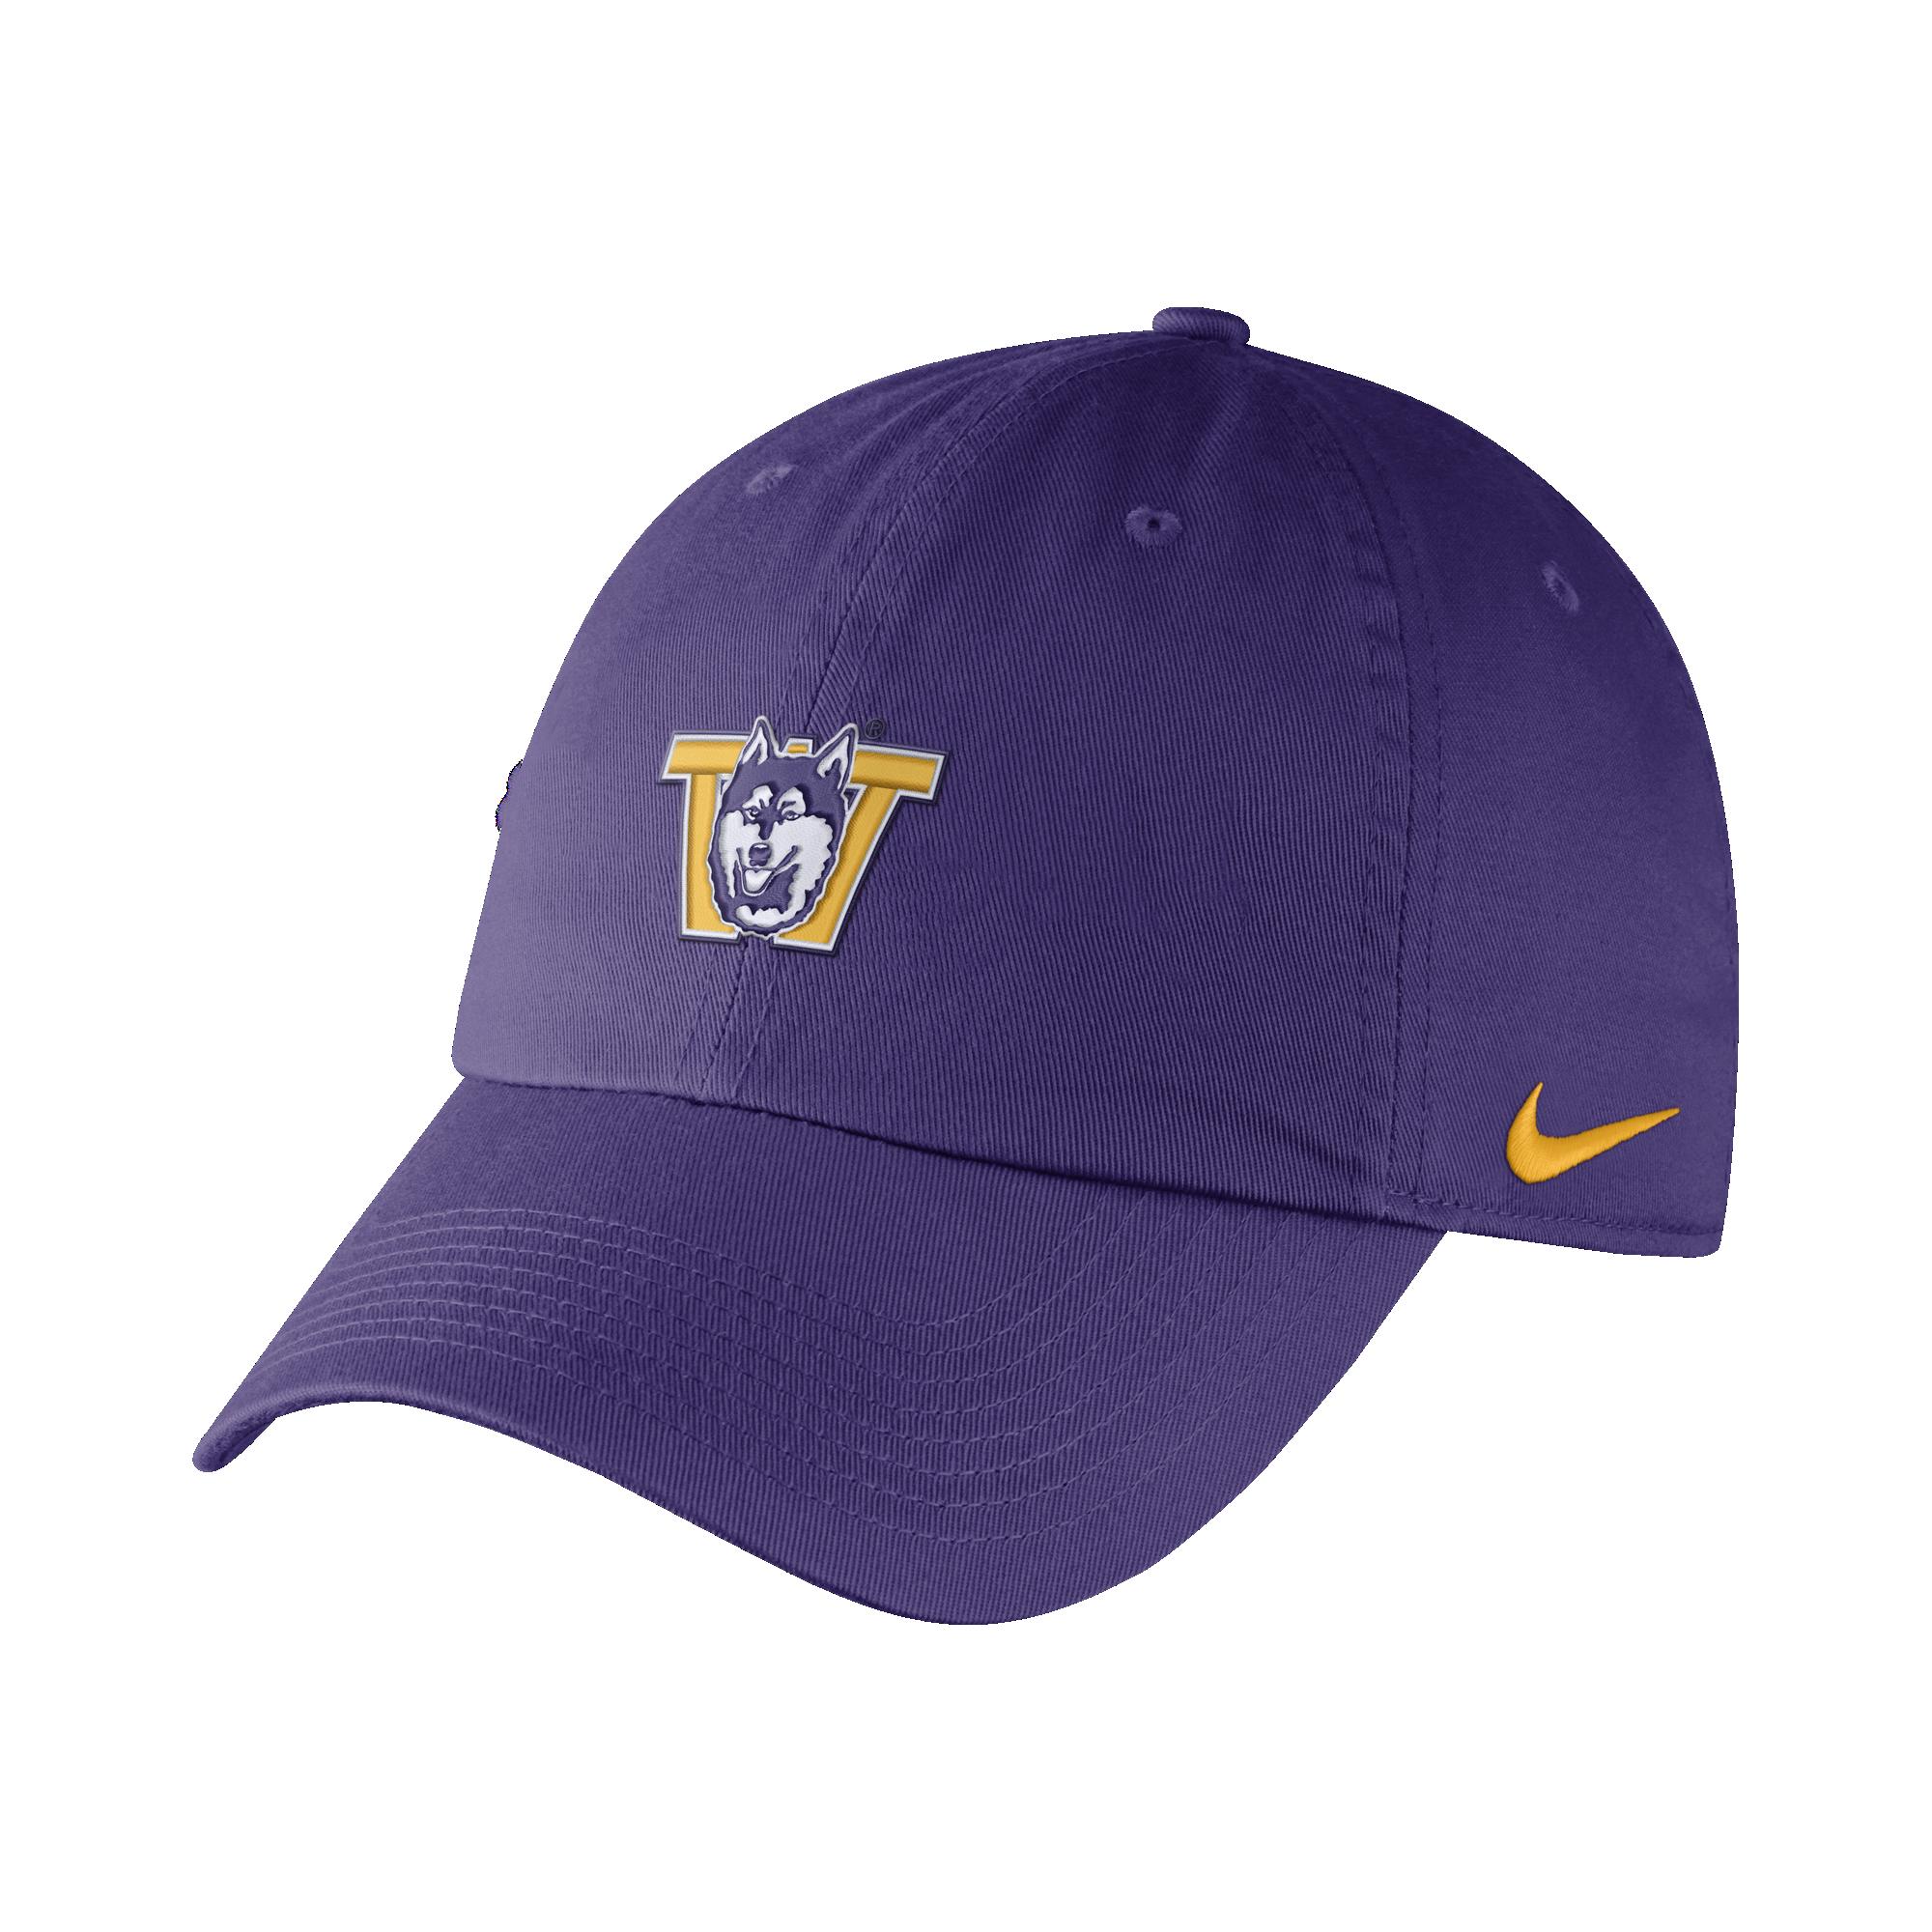 b23c19ba18f2b Nike Unisex Purple Vault Dog W Heritage 86 Adjustable Hat